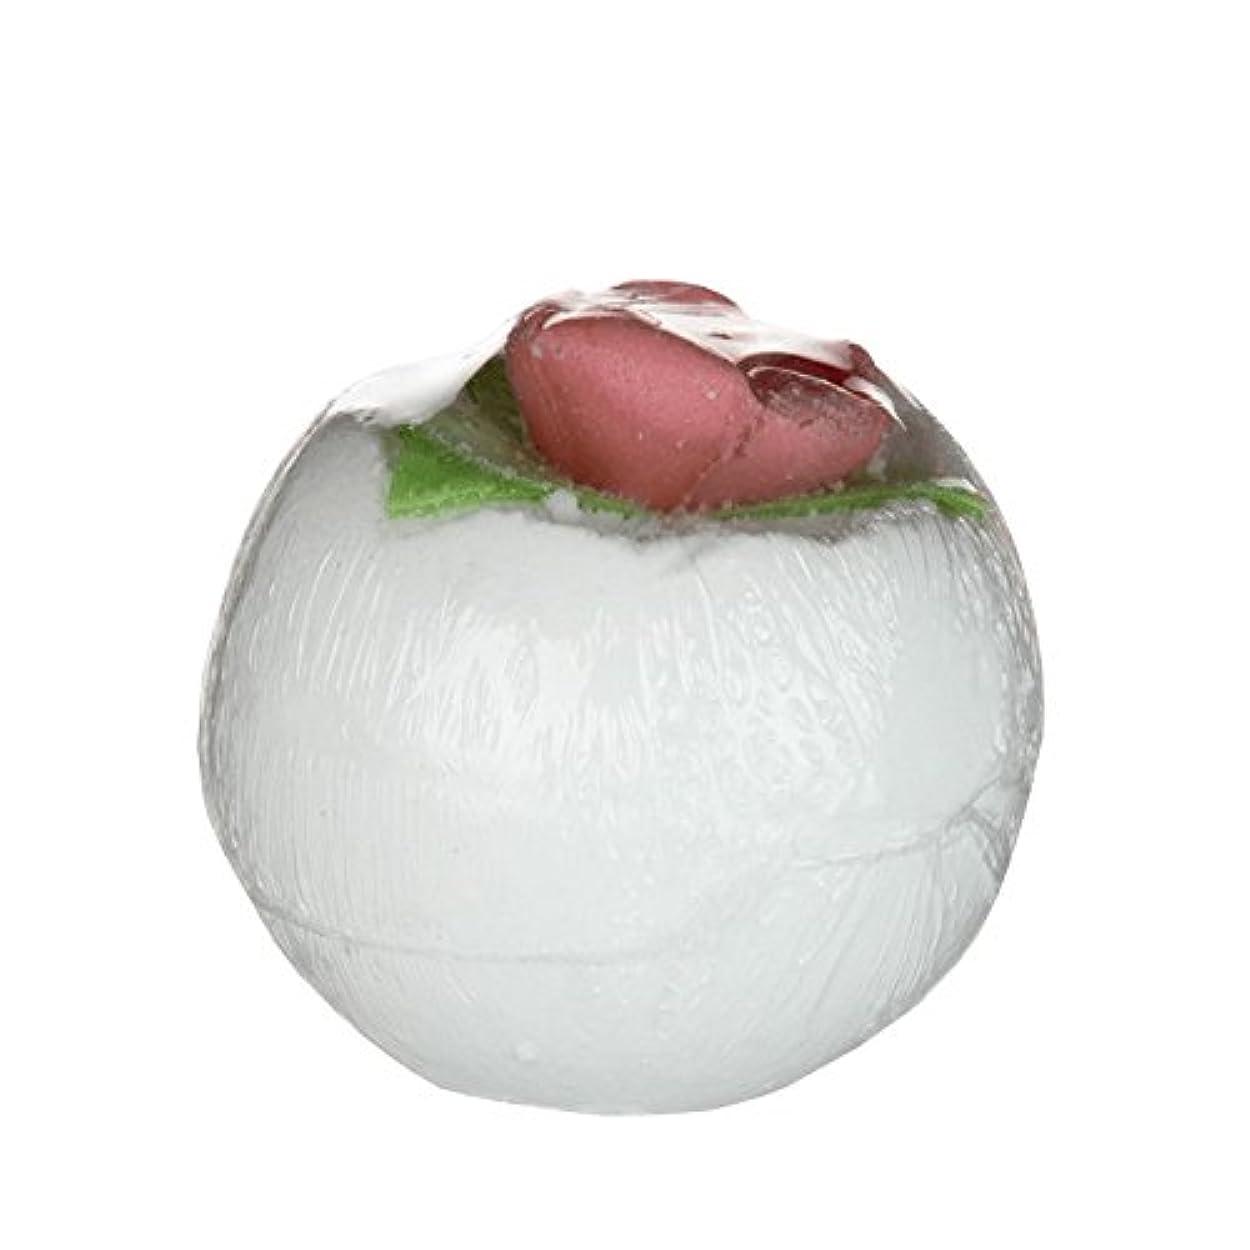 服を洗うテクトニック天井Treetsバスボール最愛の花170グラム - Treets Bath Ball Darling Flower 170g (Treets) [並行輸入品]